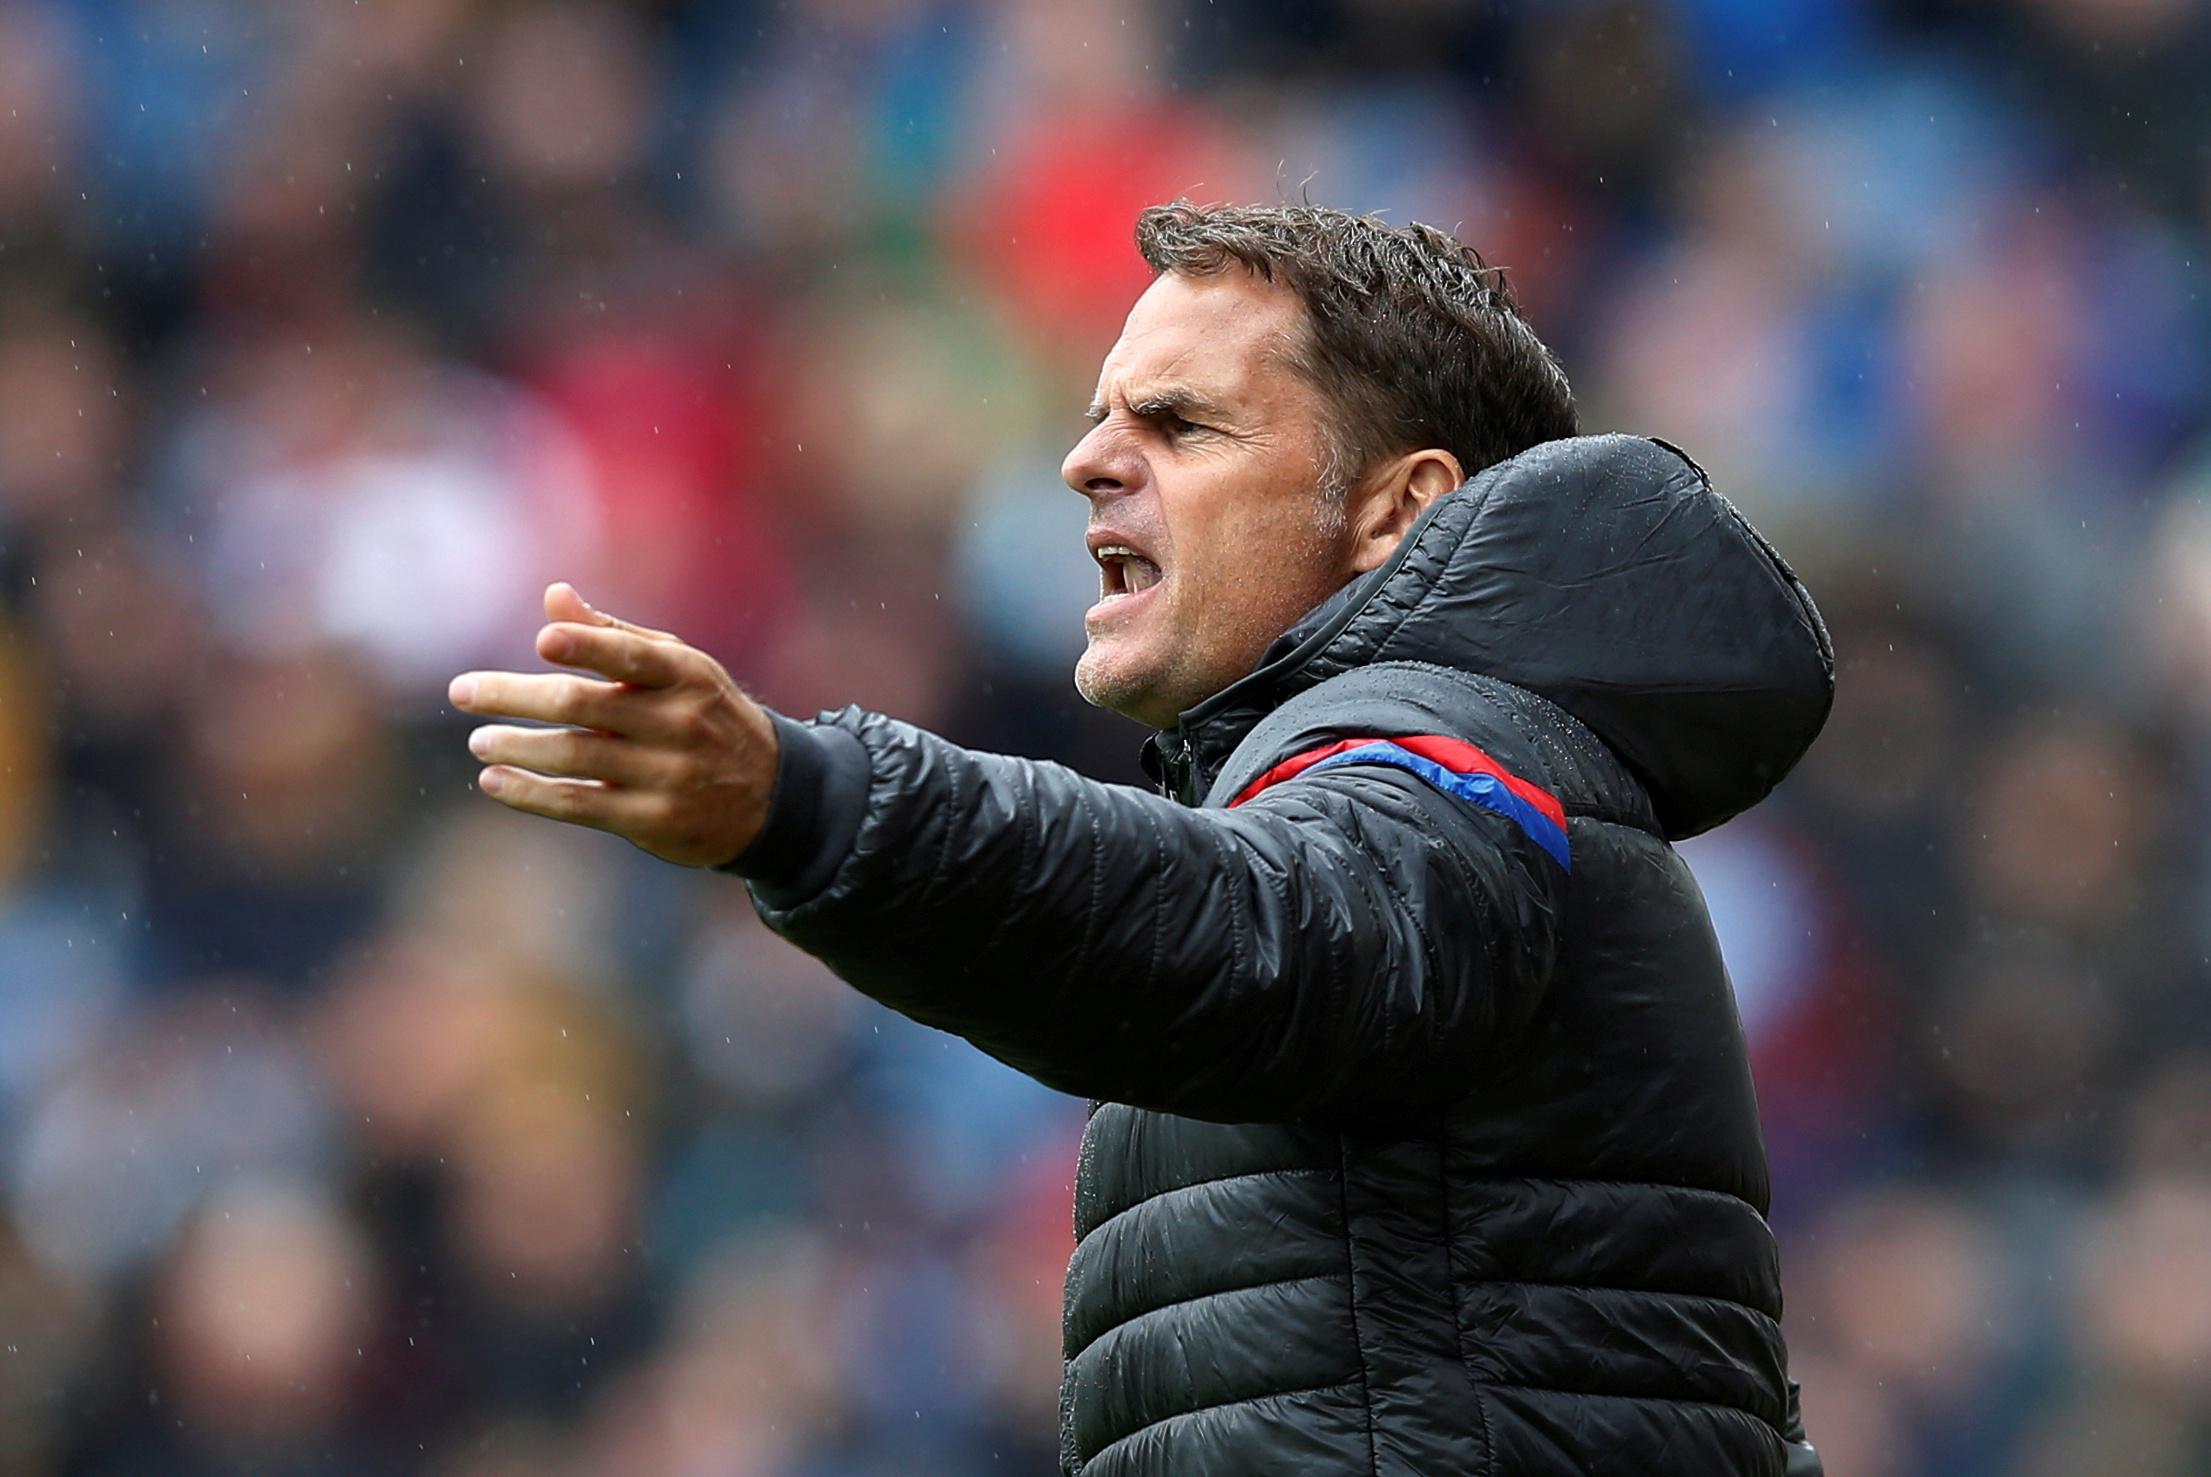 Offiziell: Frank de Boer neuer niederländischer Teamchef